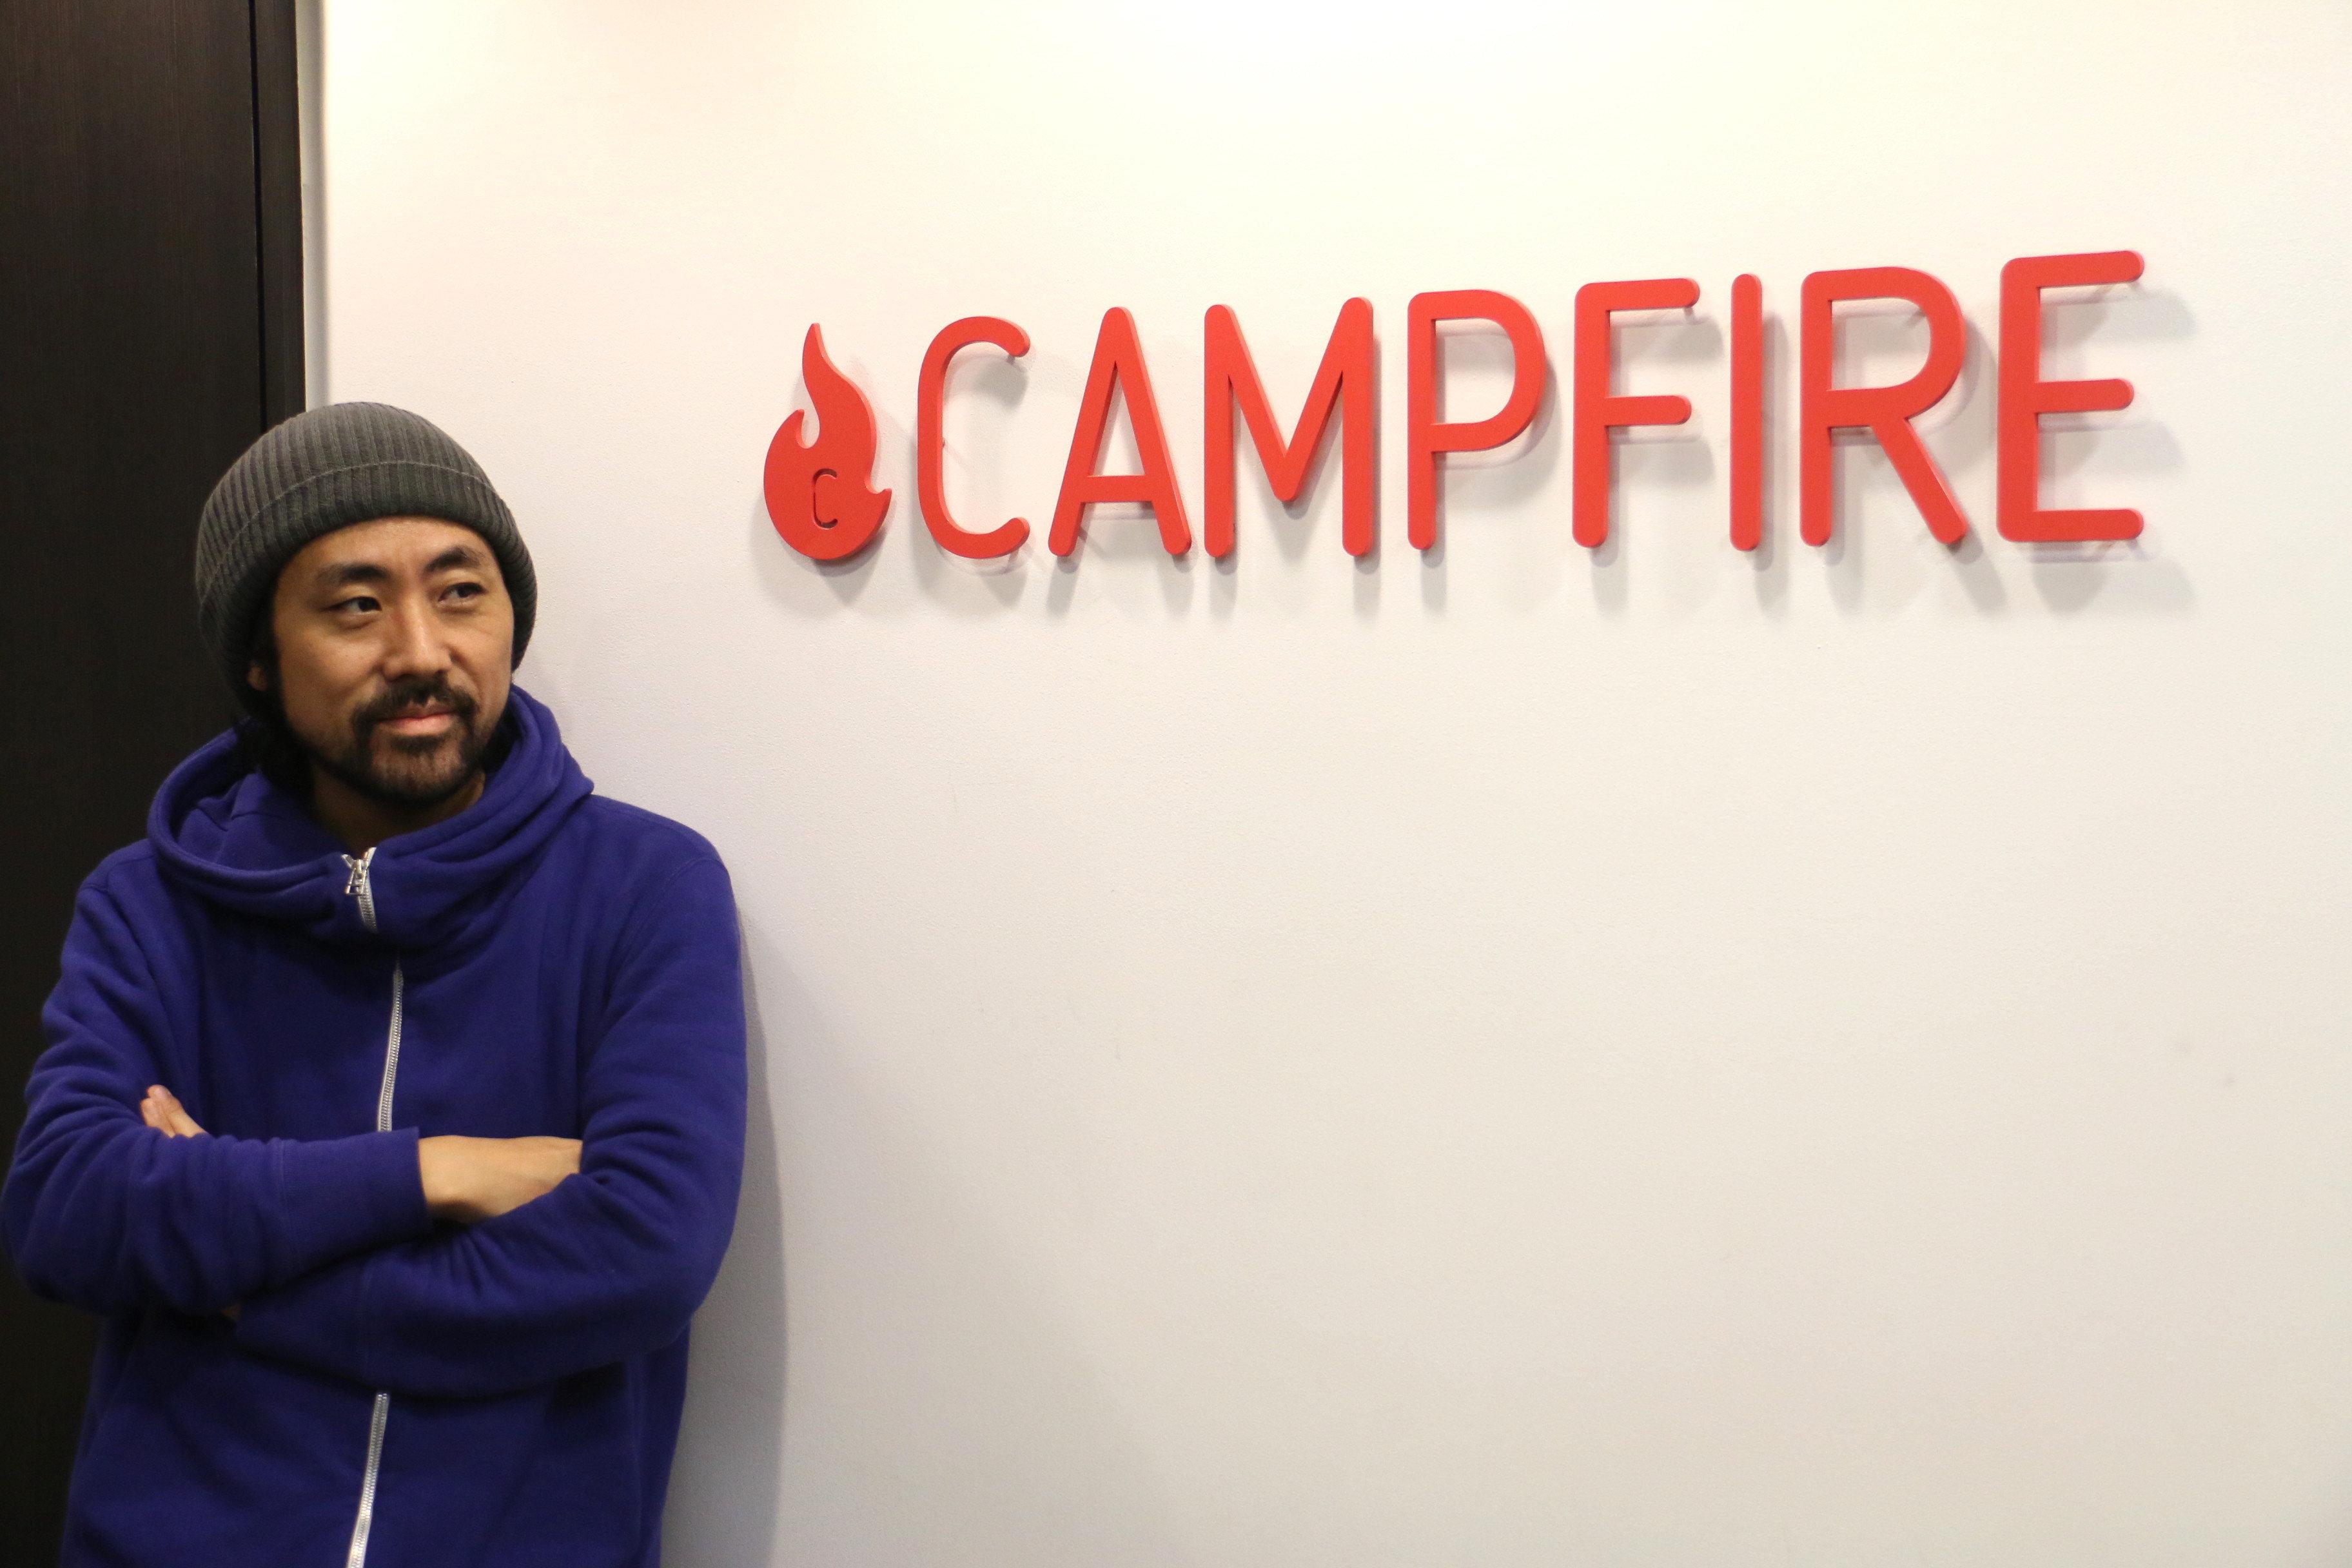 CAMPFIREでの支援総額が100億円突破。背景には、家入一真さんが気付いたクラウドファンディングの本質があった。